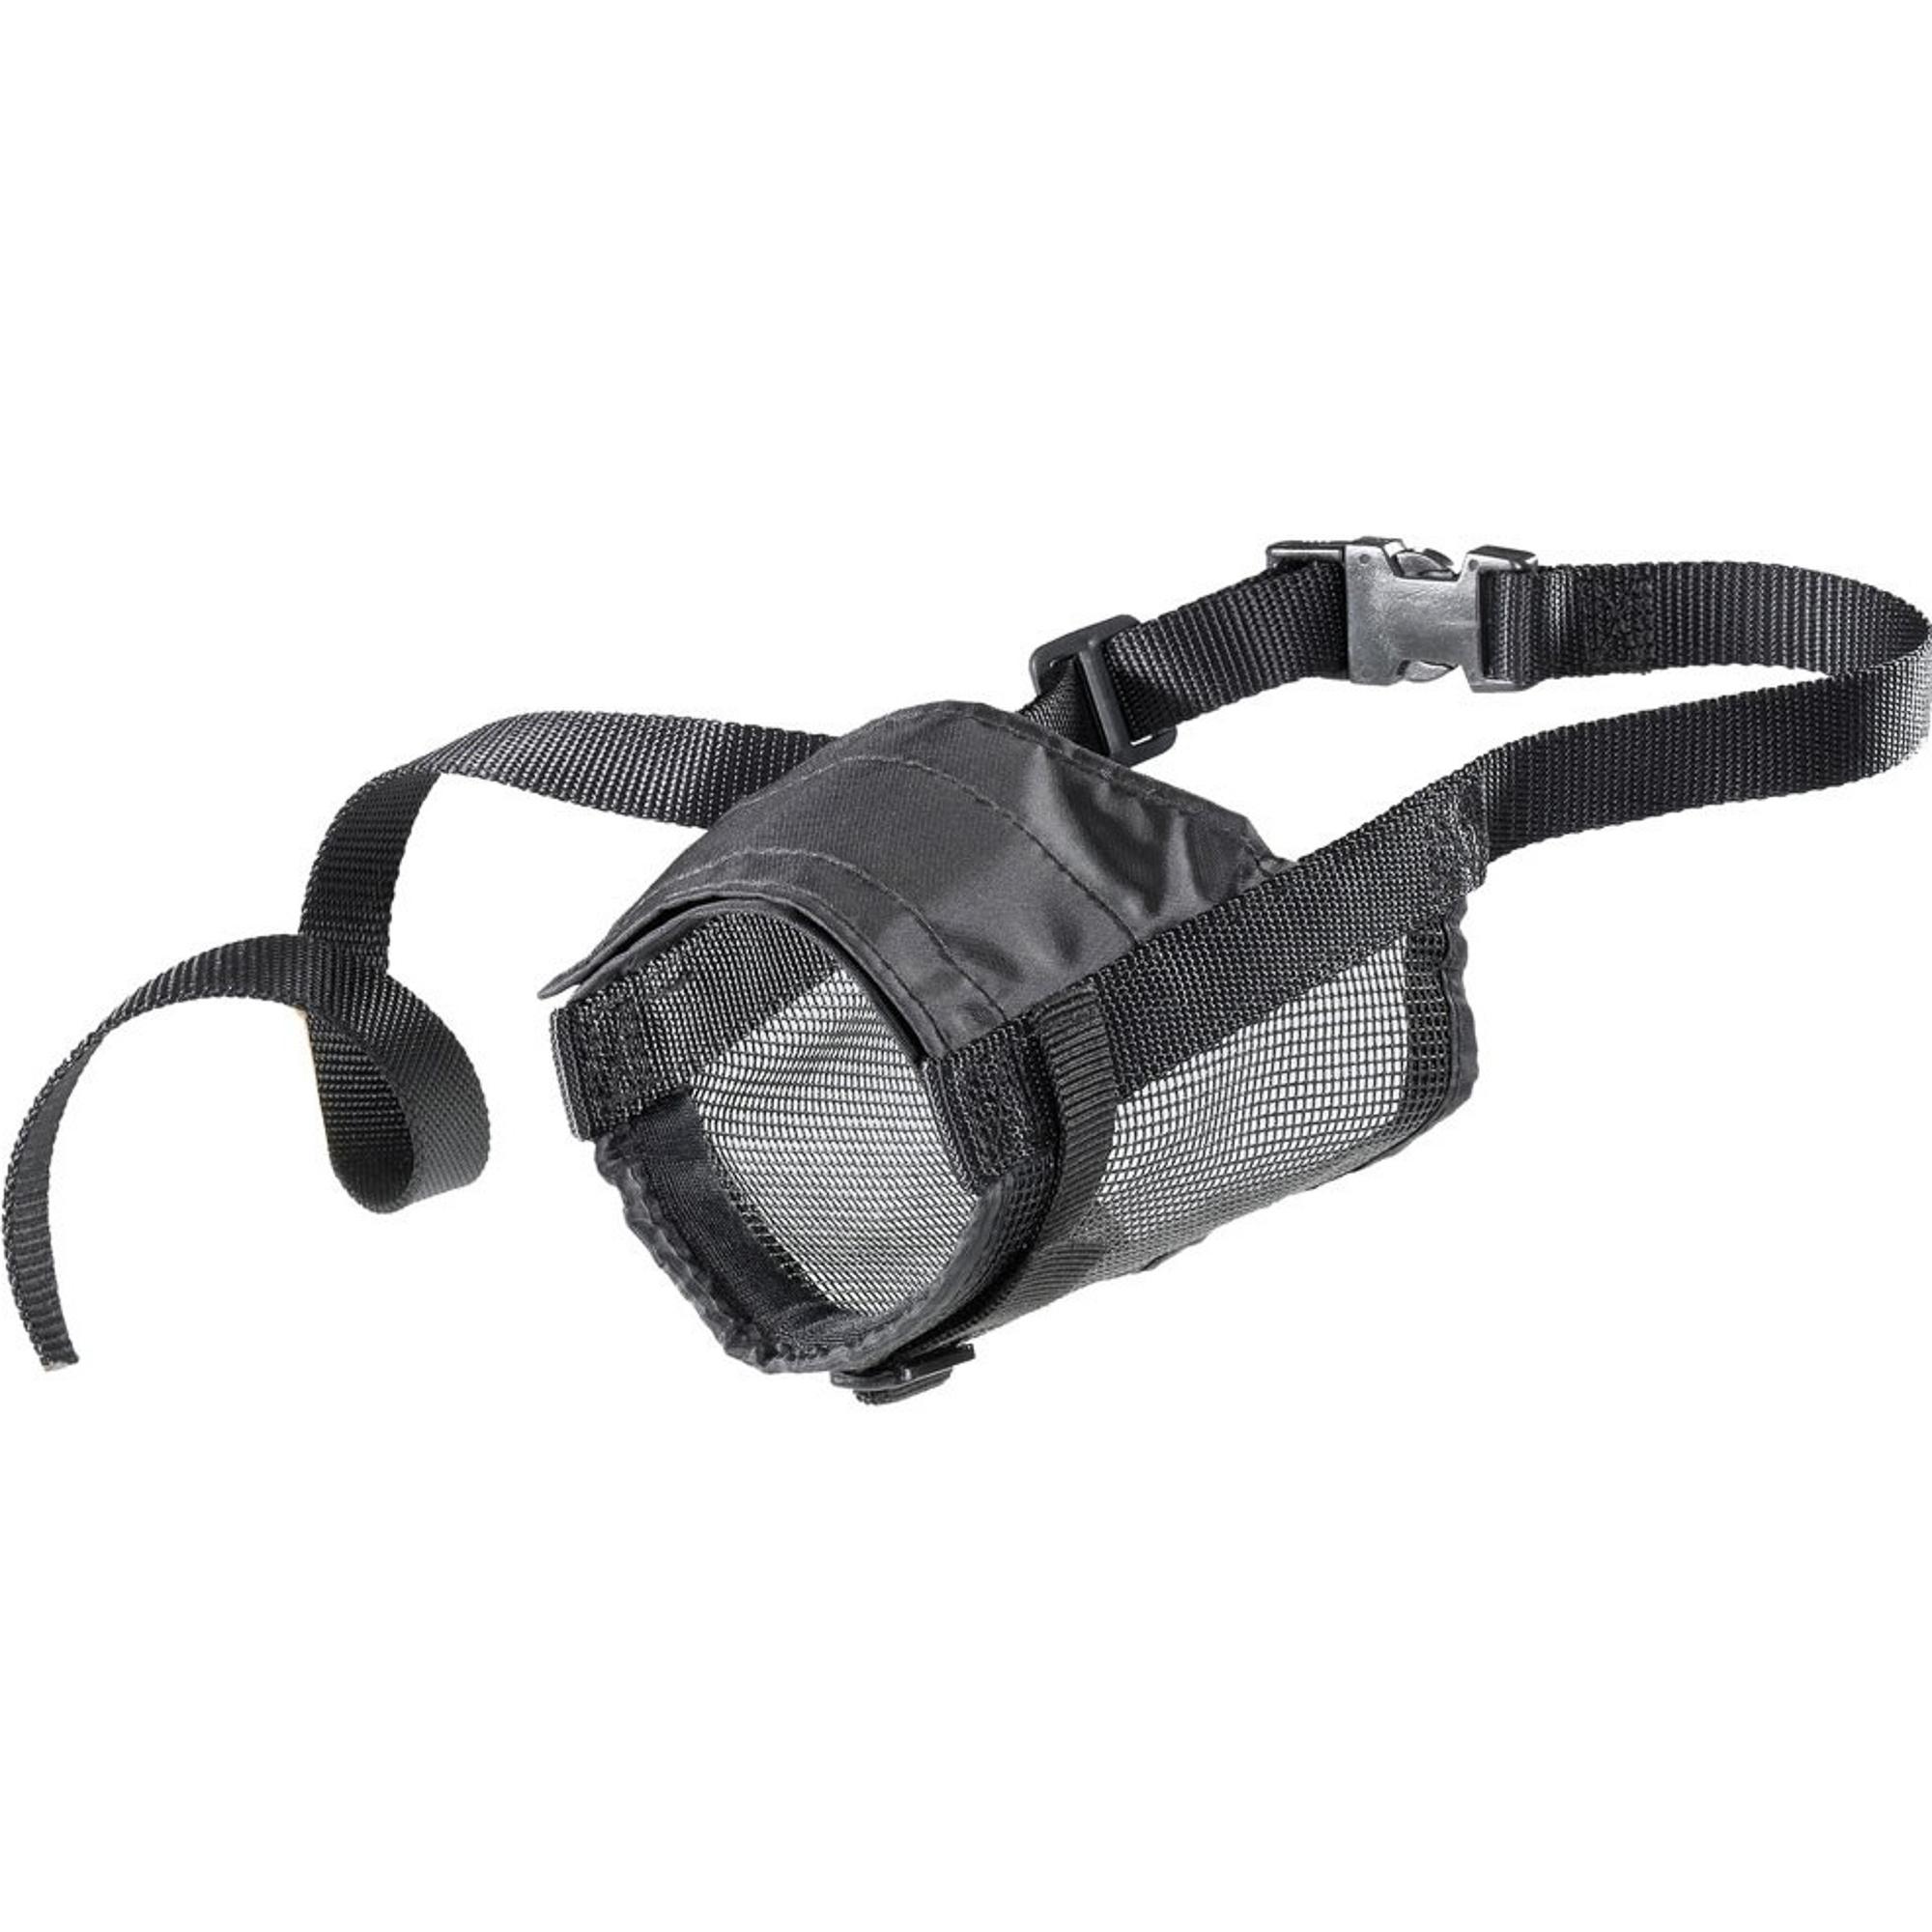 Фото - Намордник для собак FERPLAST Muzzle Net XL намордник для собак ferplast safe large обхват морды 20 30 см черный